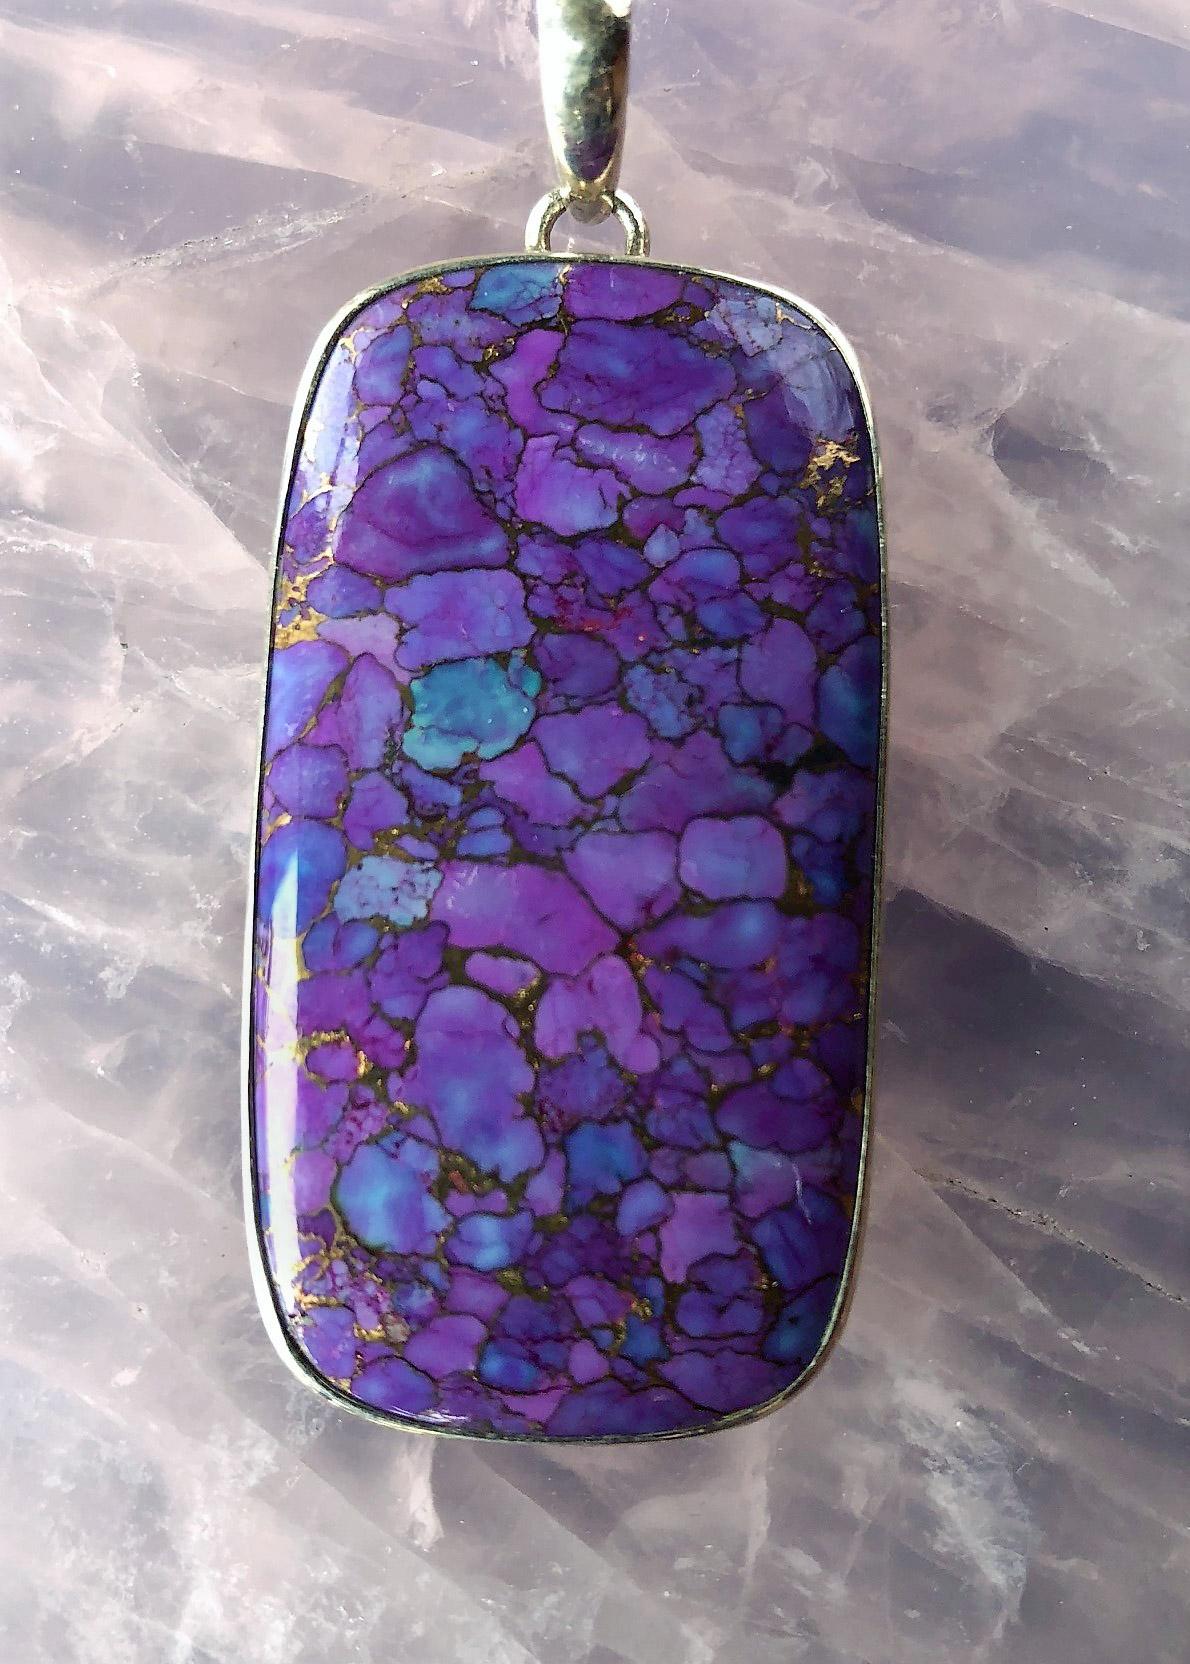 Purple Copper Turquoise : purple, copper, turquoise, Purple, Turquoise, W/Copper, Pendant, PrismsScape, Healing, Center